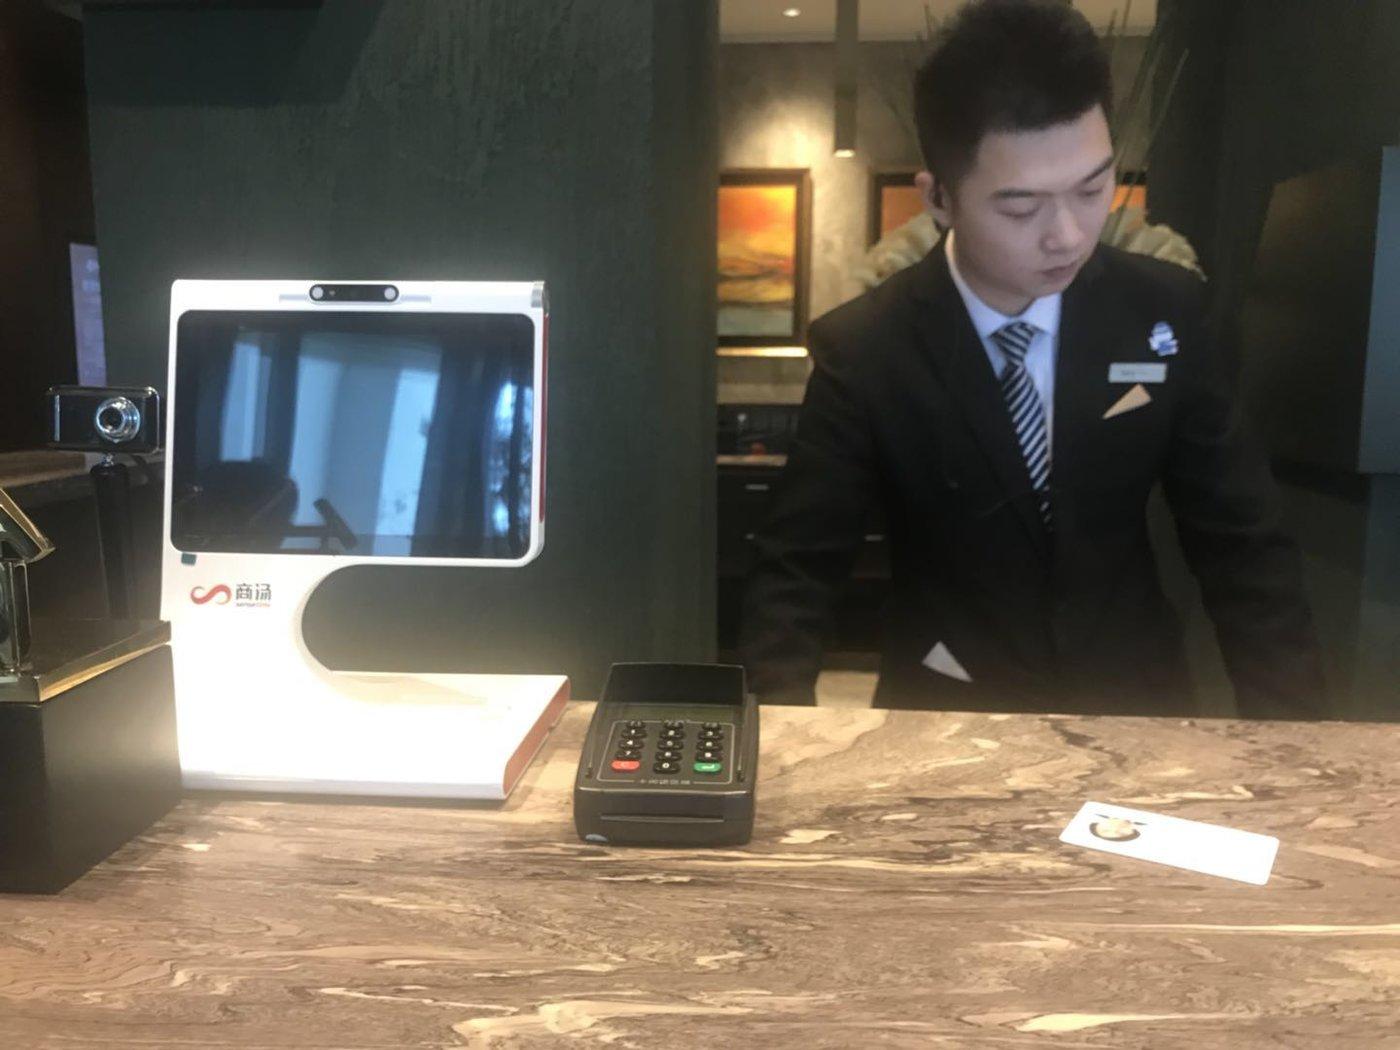 大会期间,商汤科技将在嘉宾注册、入住酒店等环节提供基于人脸识别的智慧解决方案。